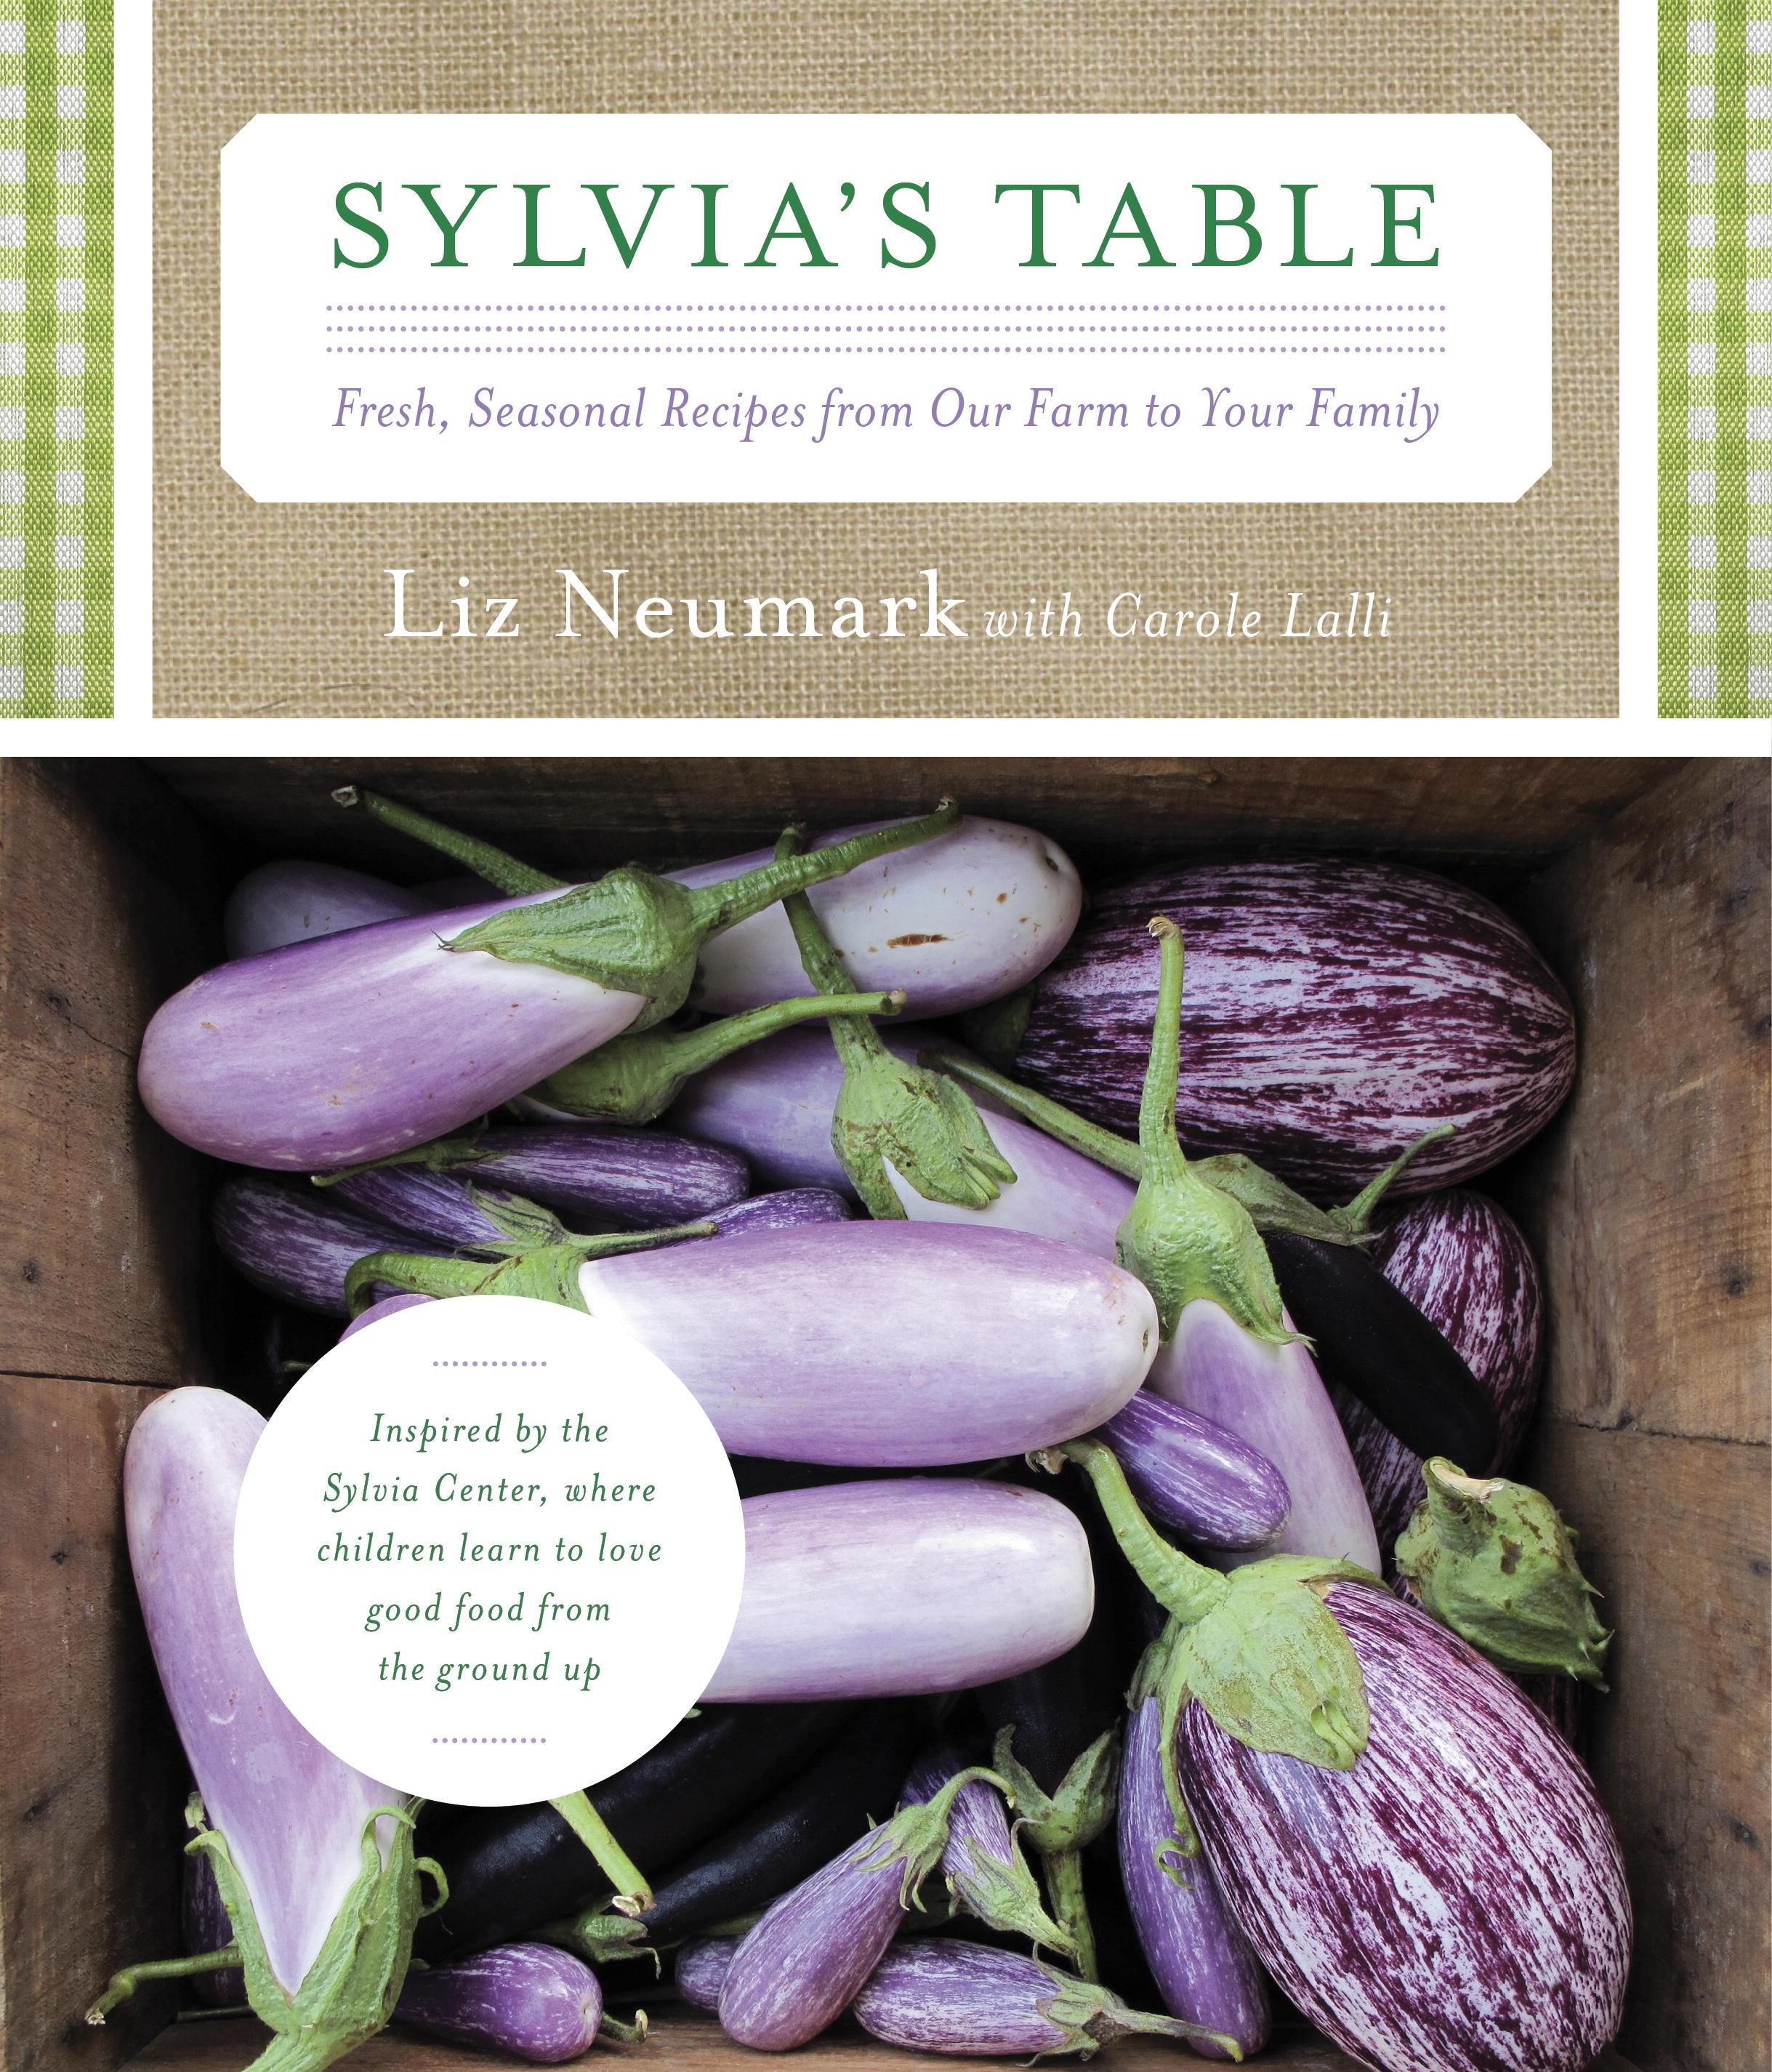 Recipe from Sylvia's Table by Liz Neumark